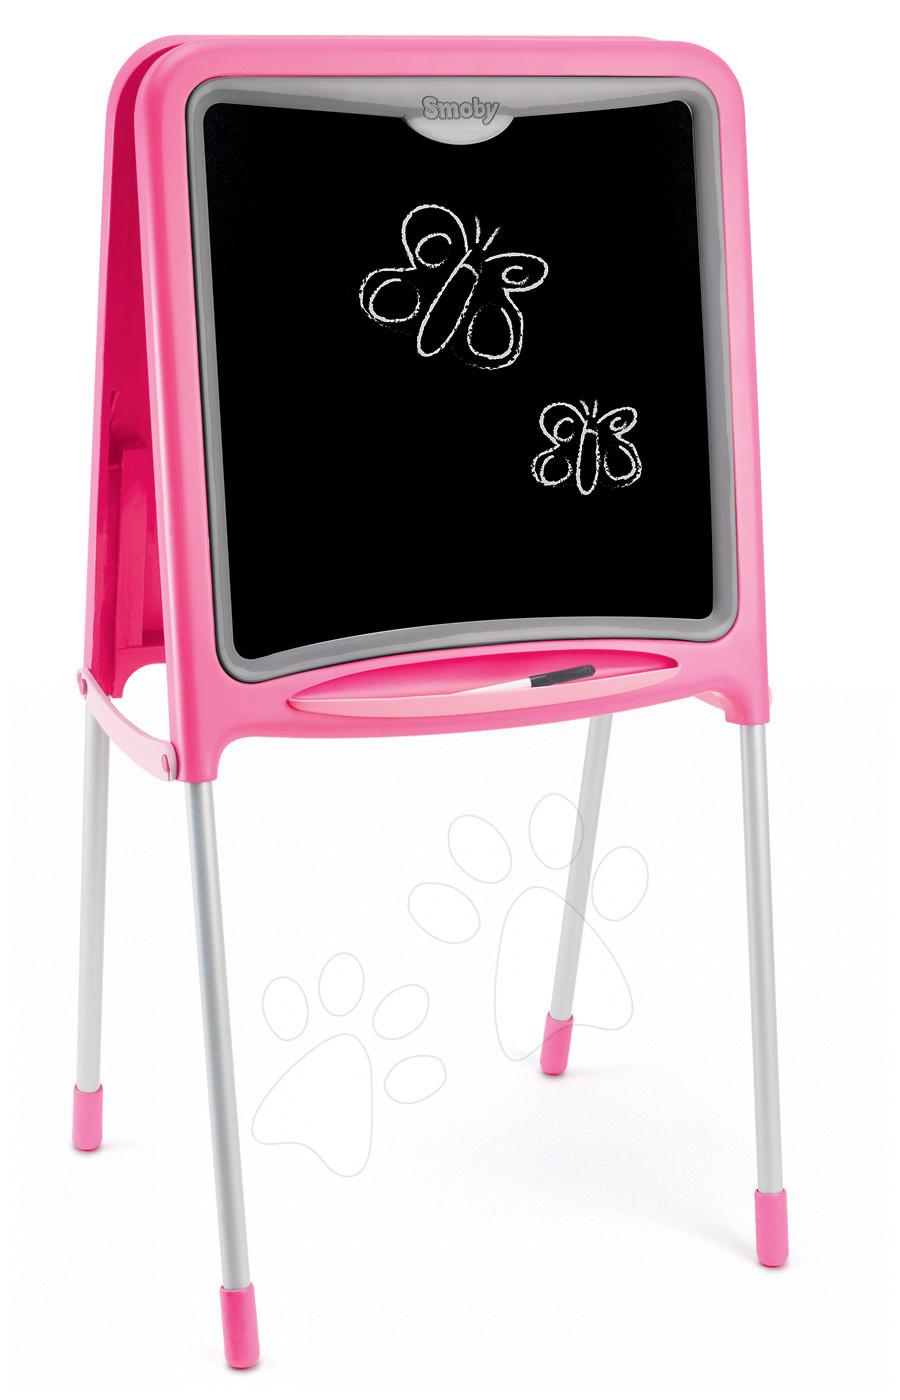 Magnetická tabuľa Smoby obojstranná s kovovou konštrukciou a 59 doplnkami  ružová. Pre absolútny zážitok prosím použite prehliadač s javascriptom 12f77e17053